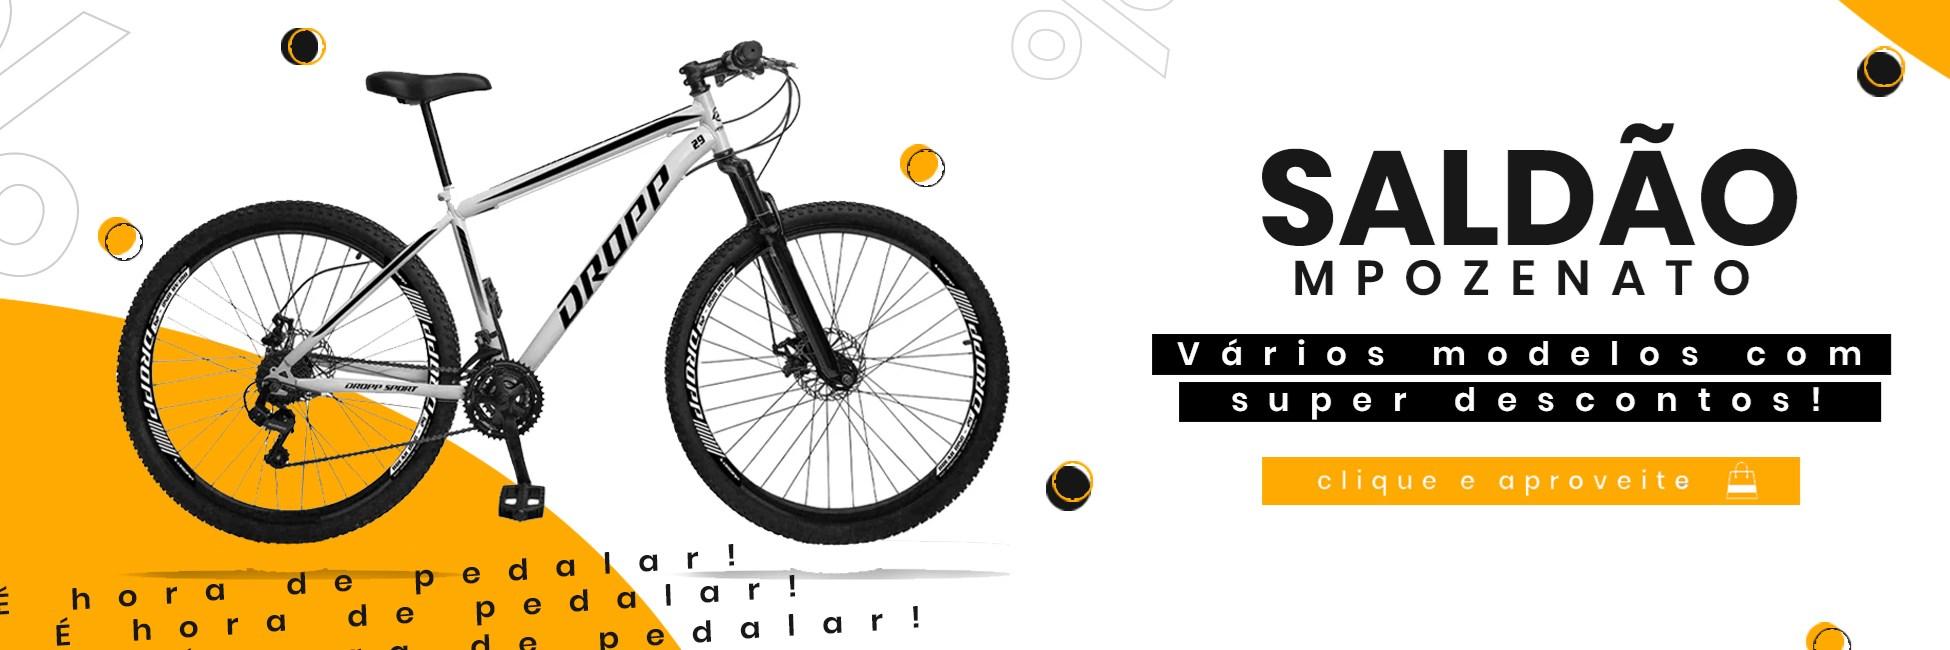 Saldão - Bicicletas - Mpozenato